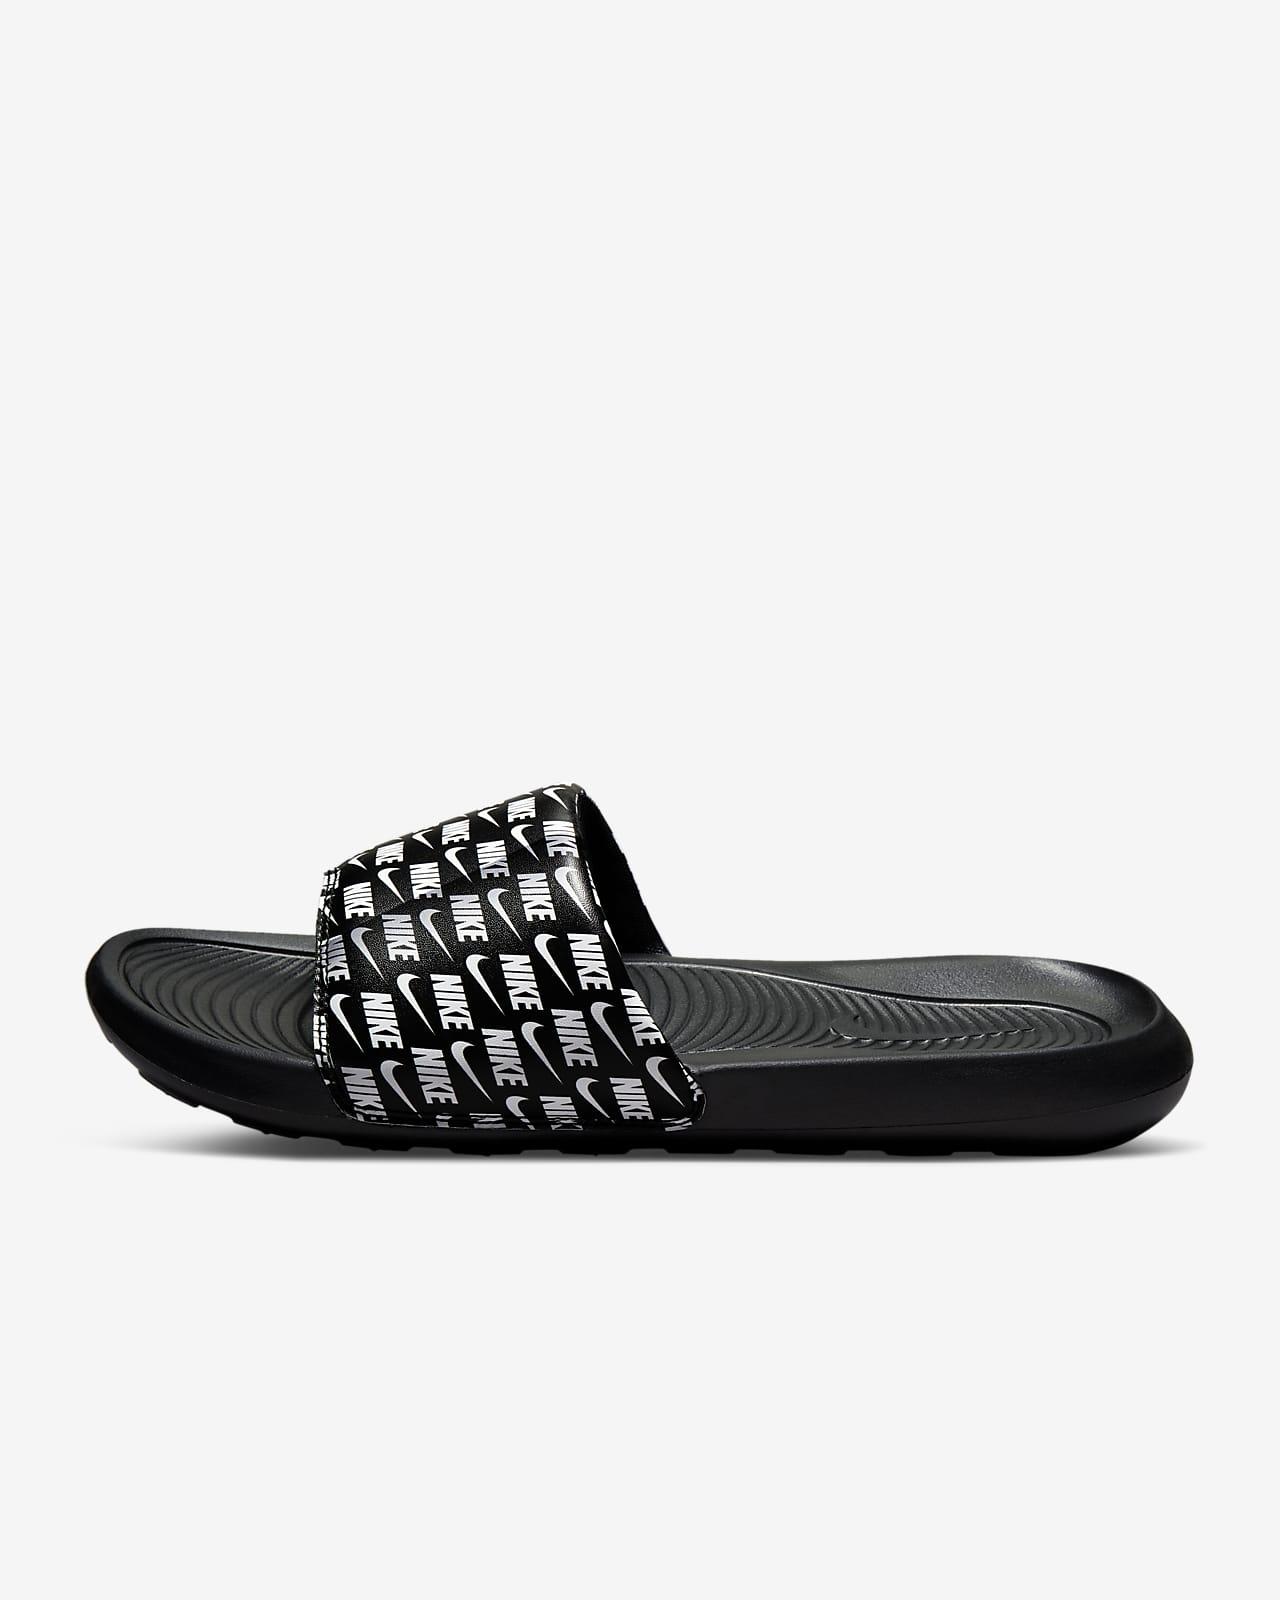 Nike Victori One Slide Print 男子印花拖鞋